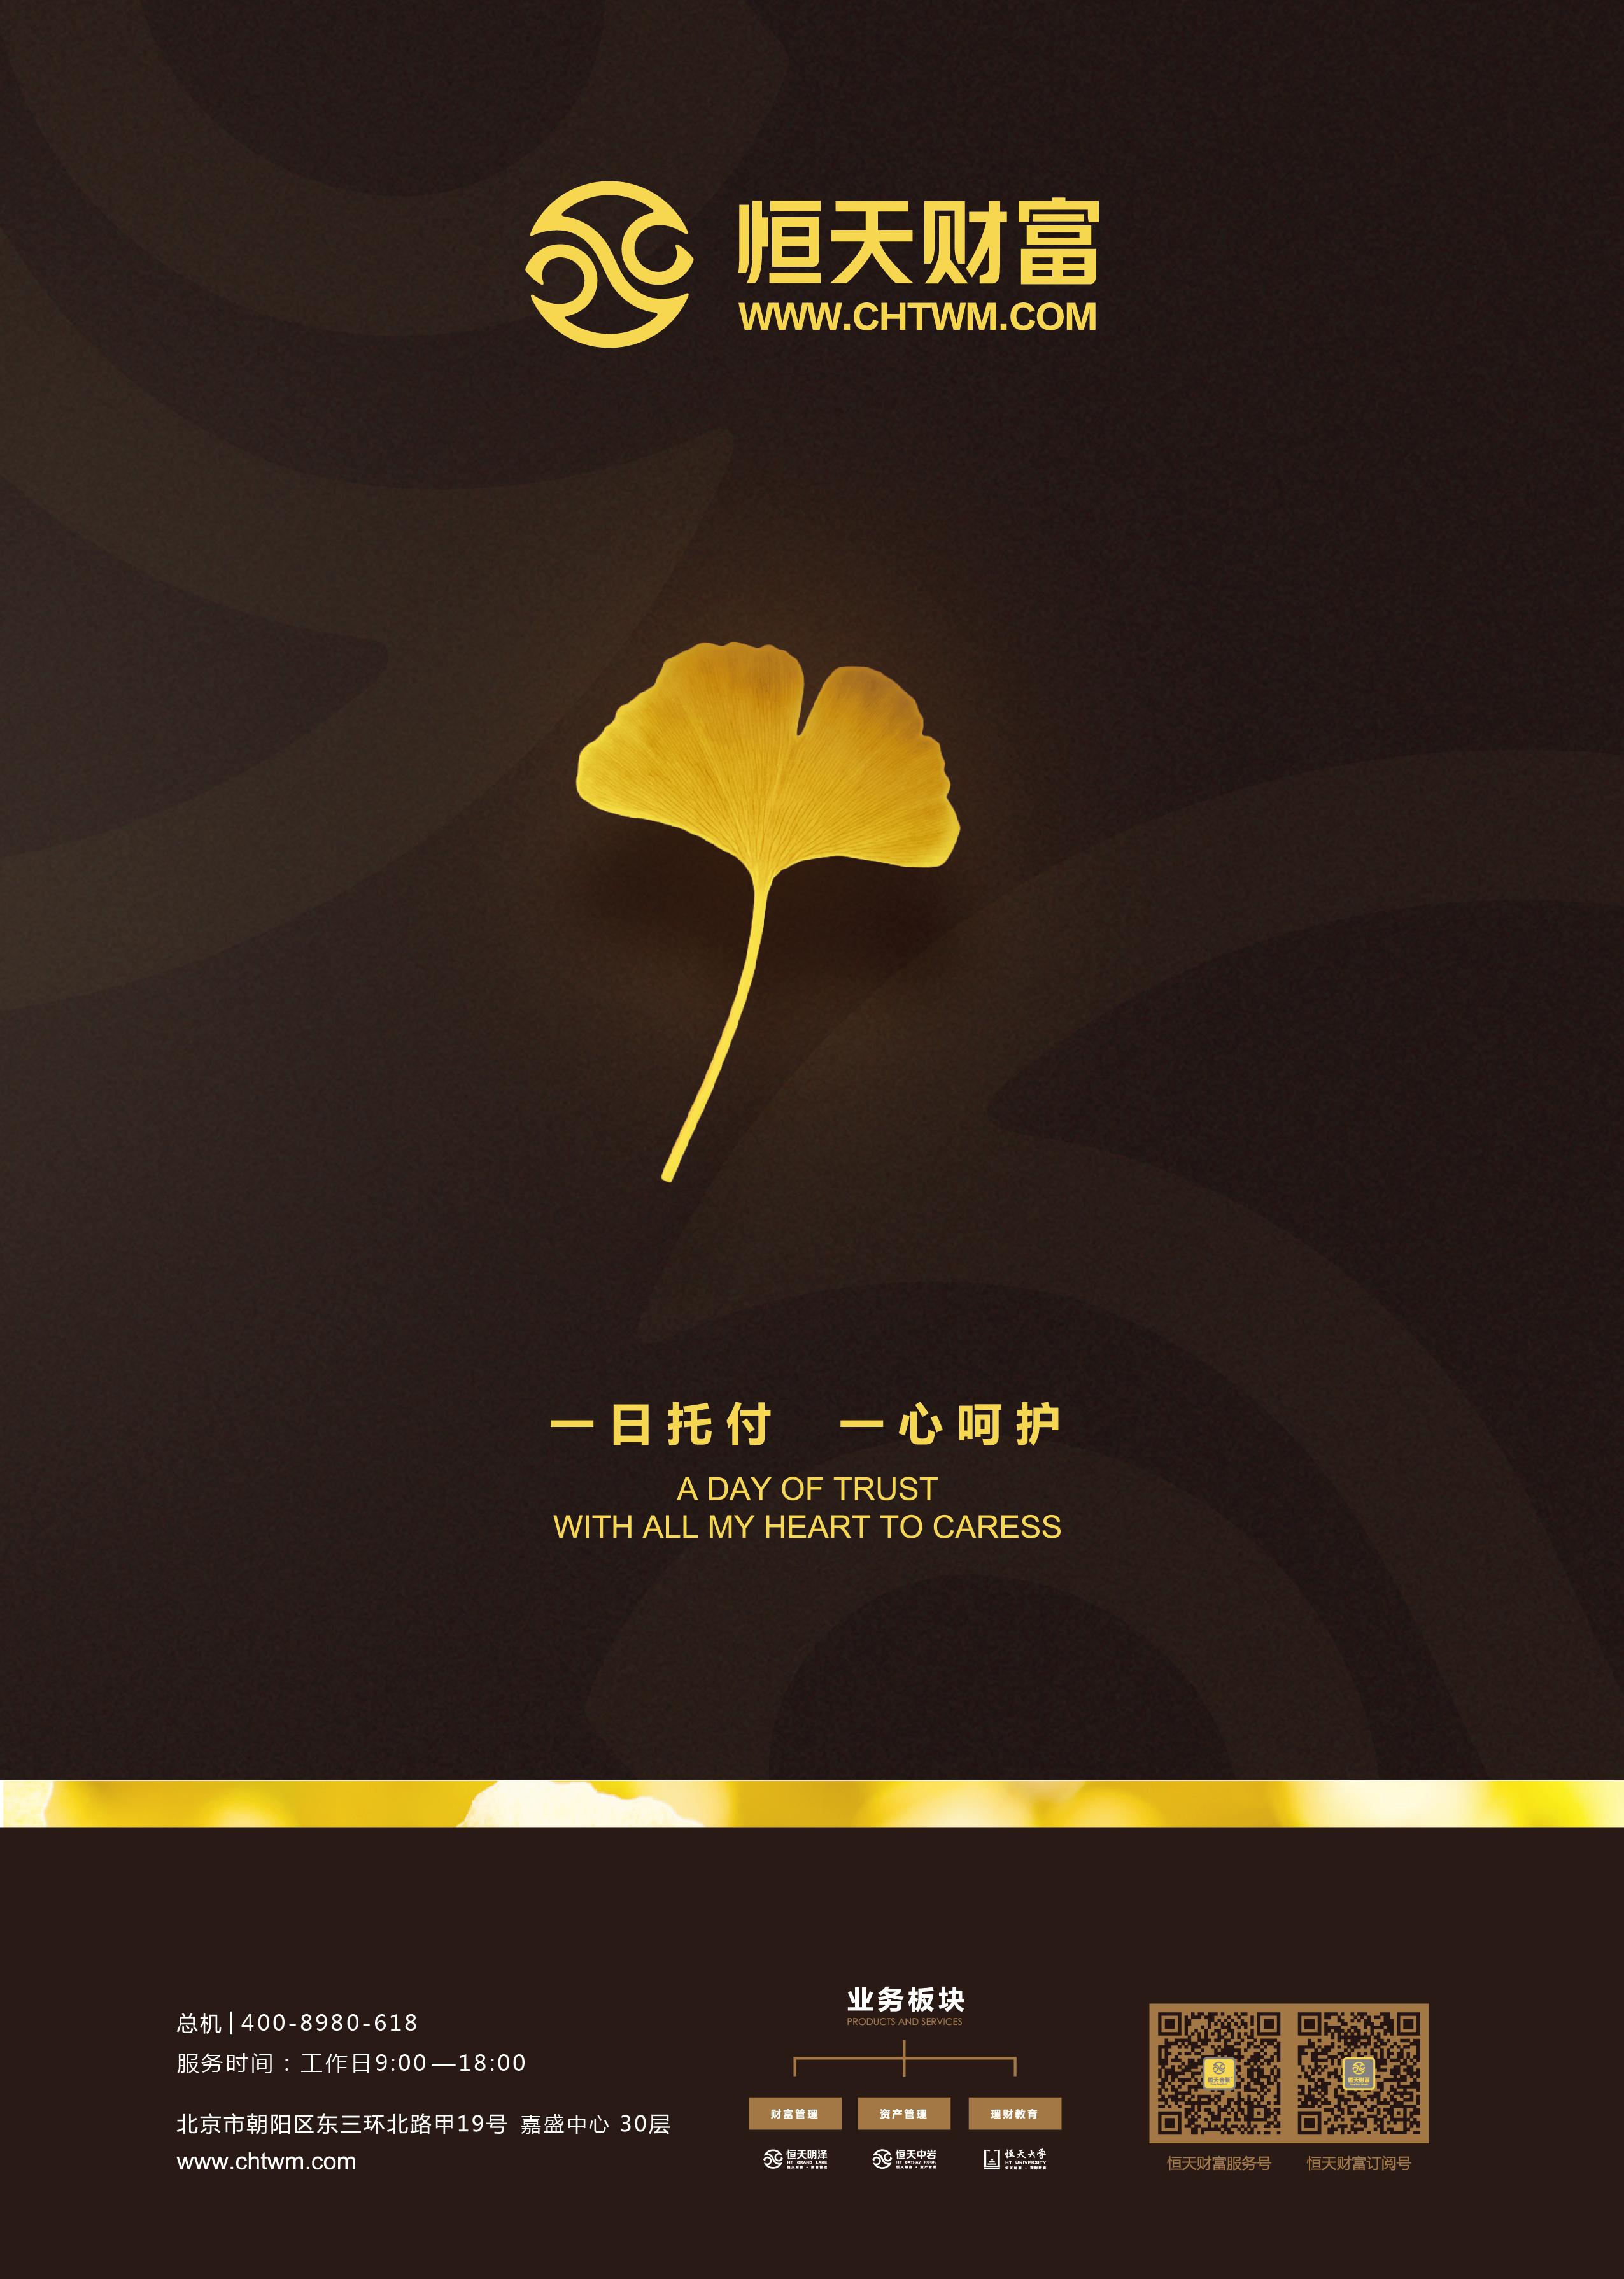 公司封面设计图